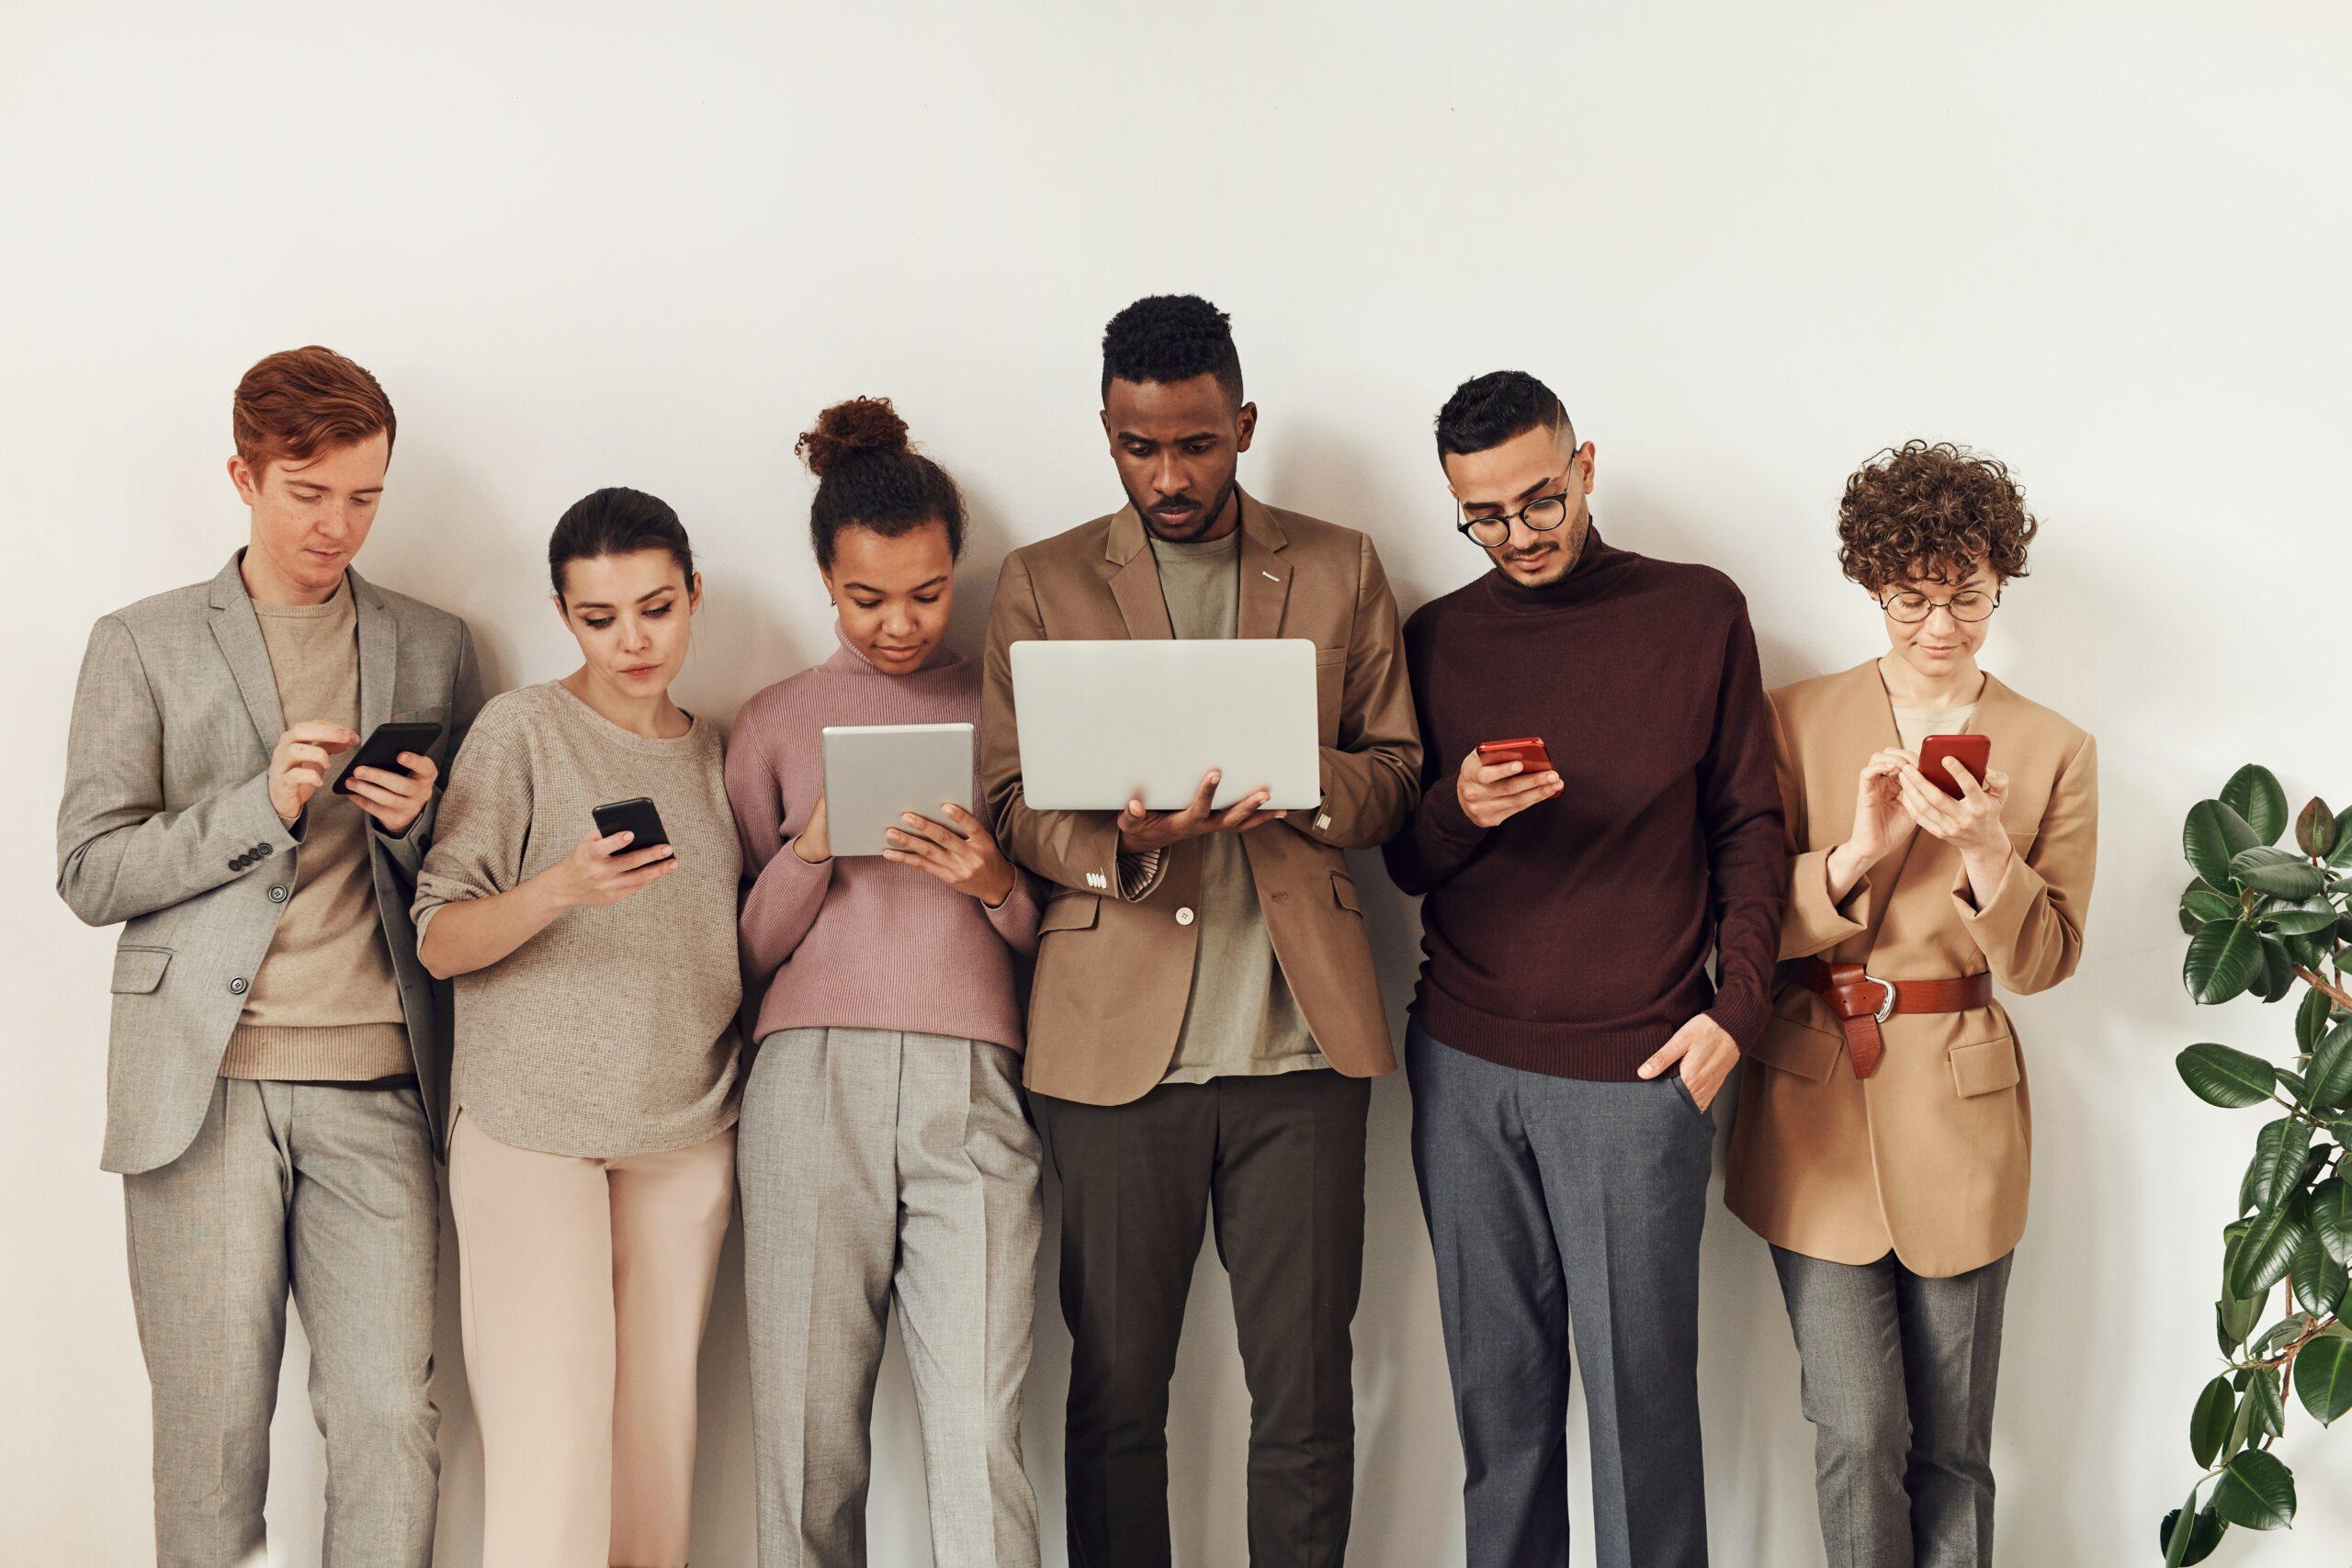 Einholung von elektronischen Werbeeinwilligungen (eWe) und Persmissions für die optimale Vorbereitung auf den digitalen Kundenaustausch